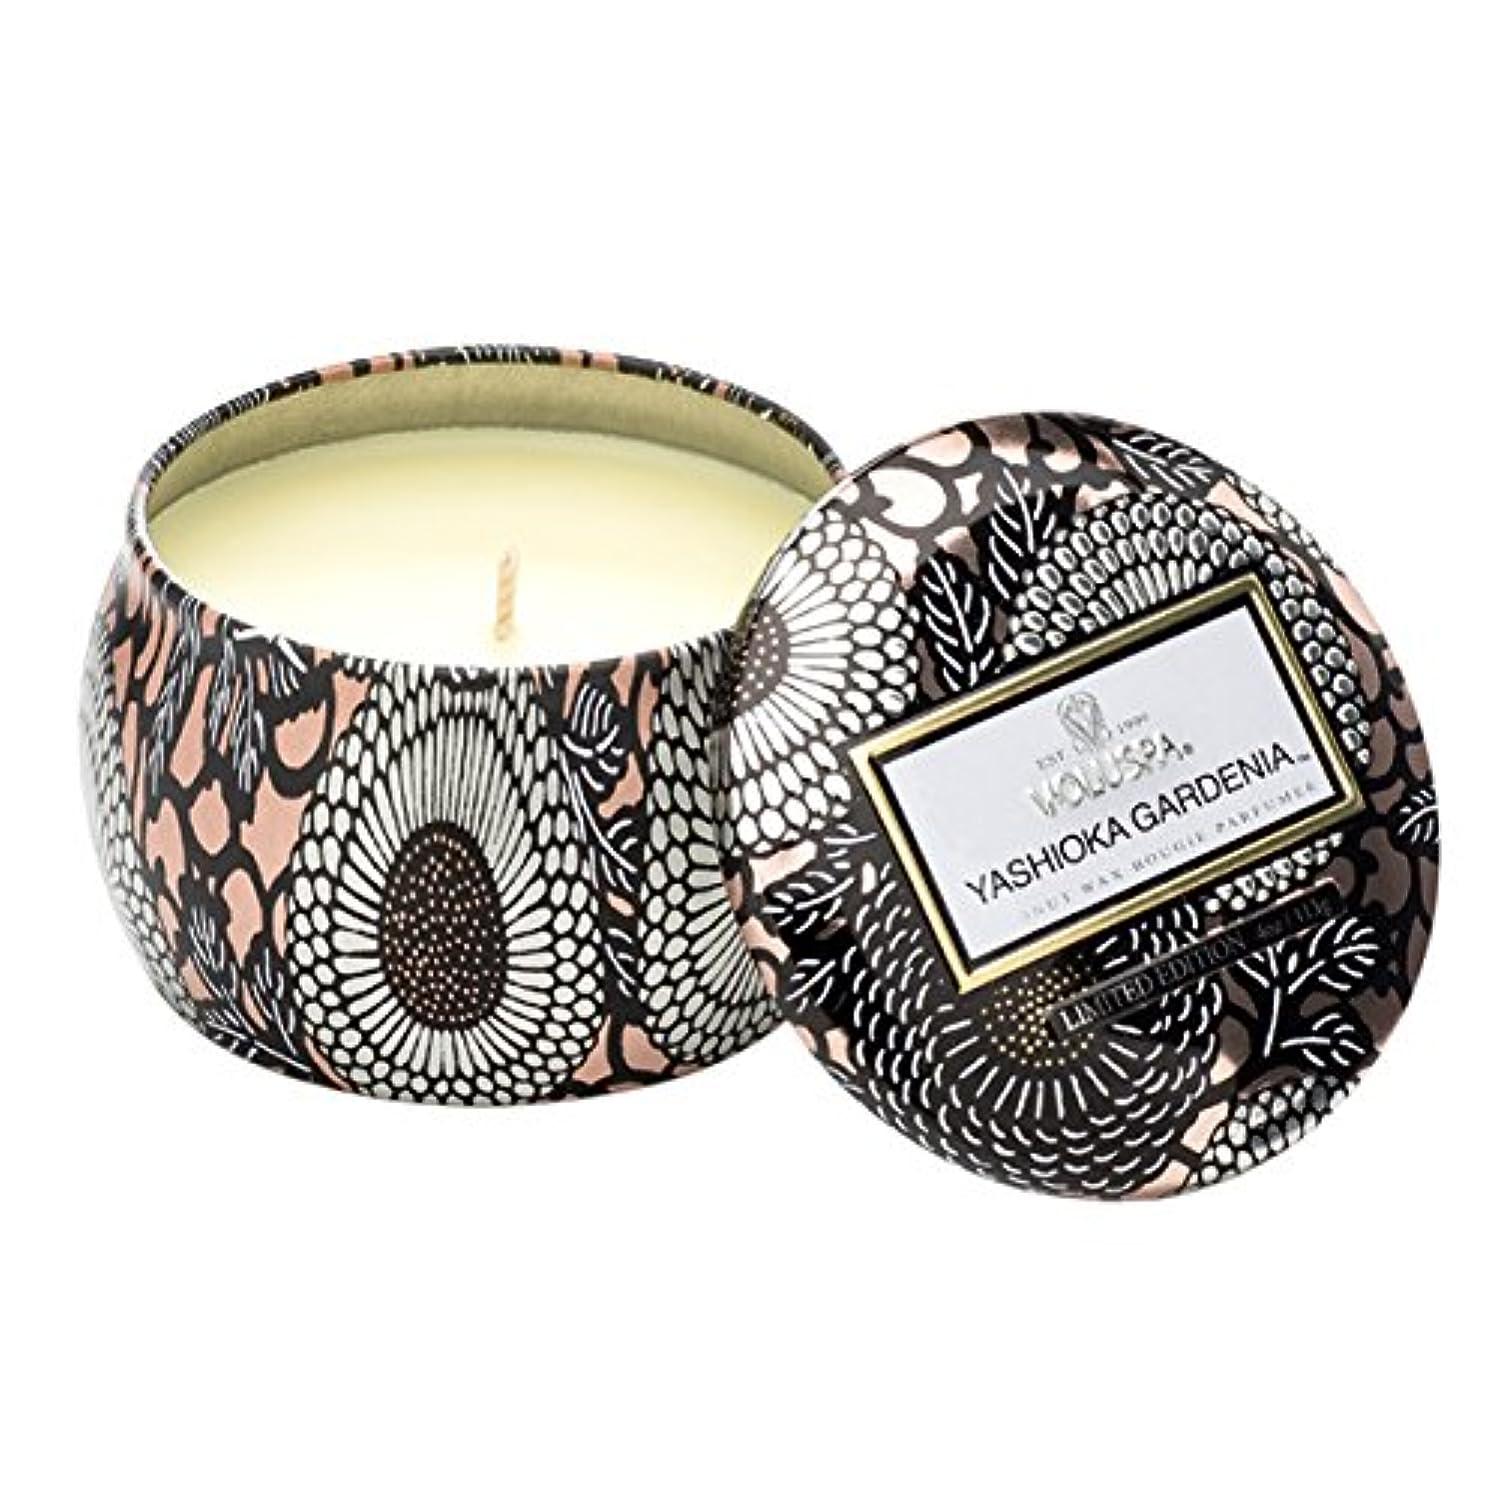 出口ジャベスウィルソン分泌するVoluspa ボルスパ ジャポニカ リミテッド ティンキャンドル  S ヤシオカガーデニア YASHIOKA GARDENIA JAPONICA Limited PETITE Tin Glass Candle